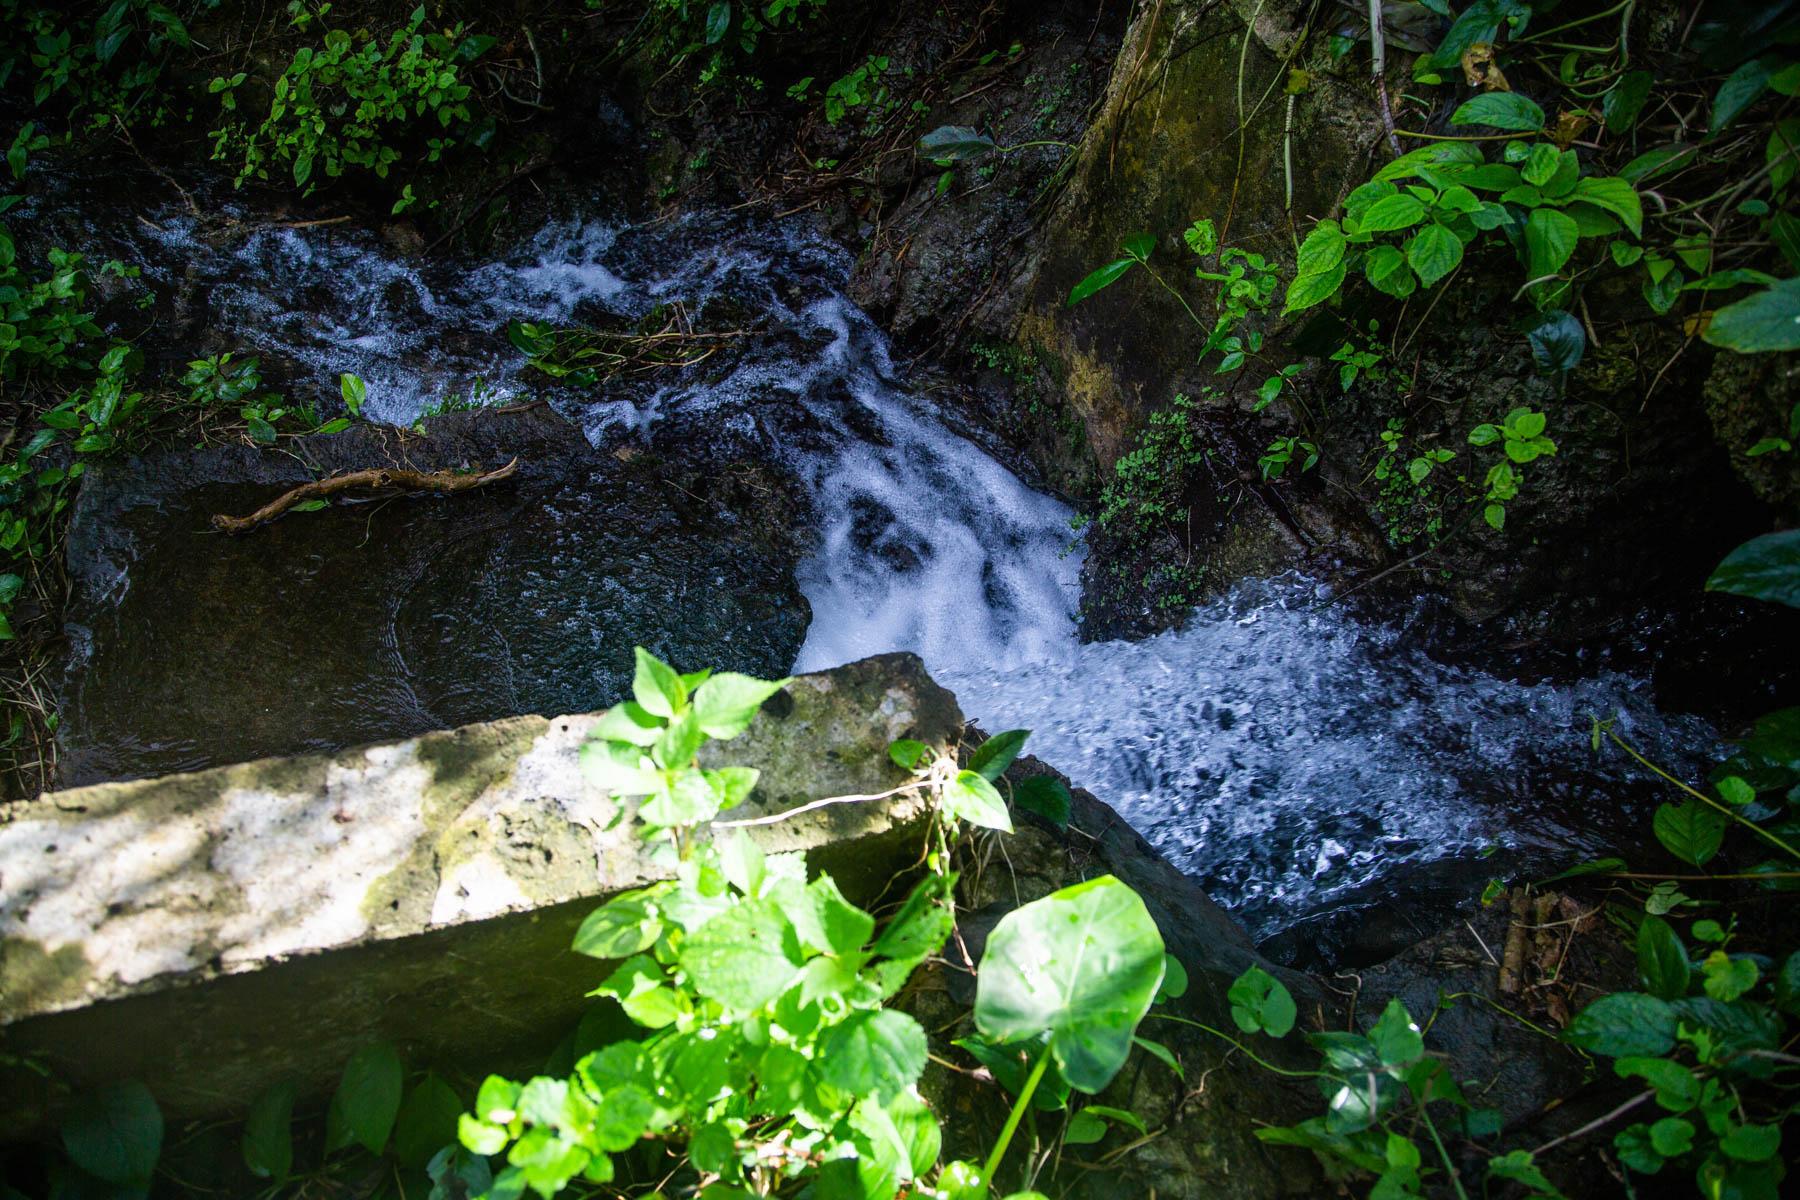 ふるさと納税を活用した取り組み・地下水水質調査(環境衛生課)